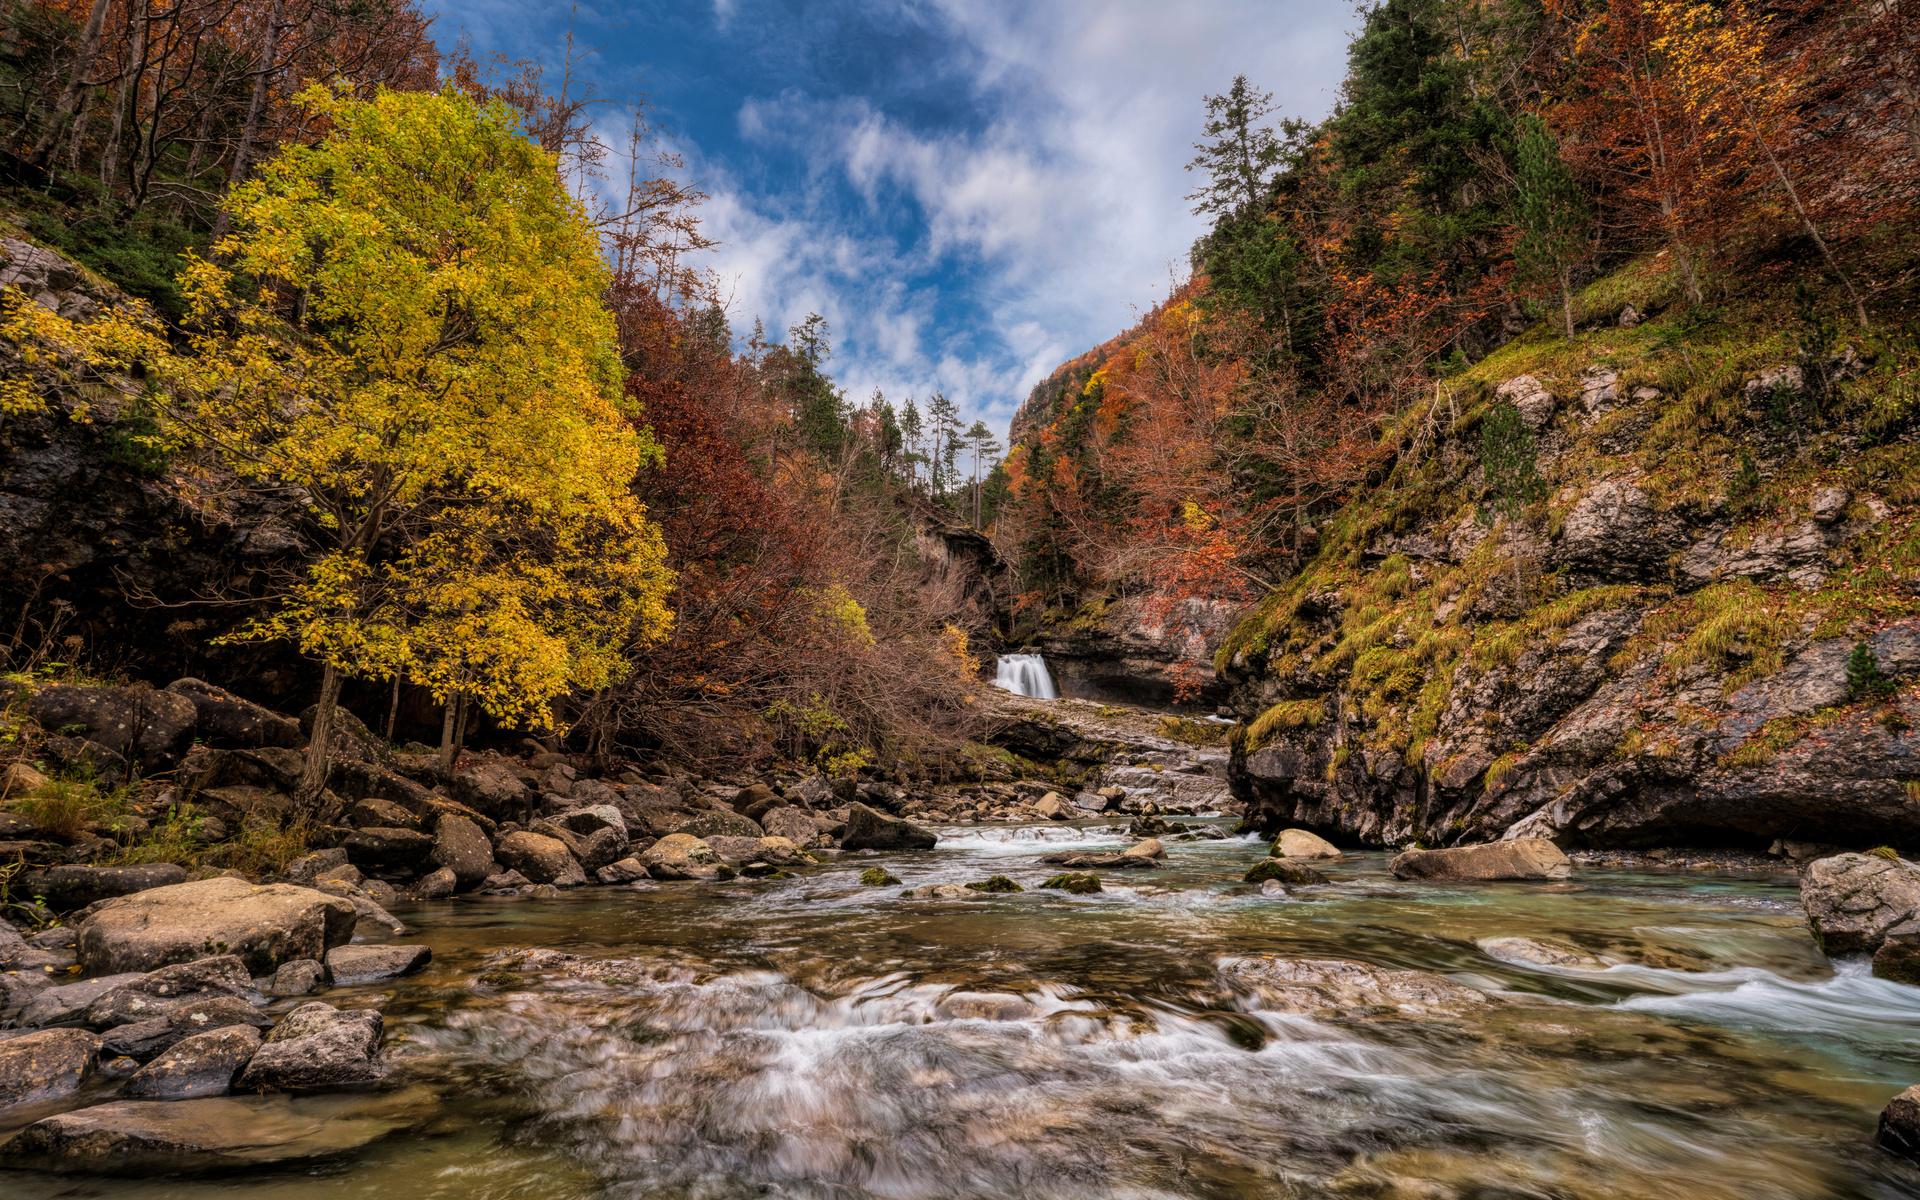 испания, осень, горы, камни, monte perdido, national park, деревья, природа